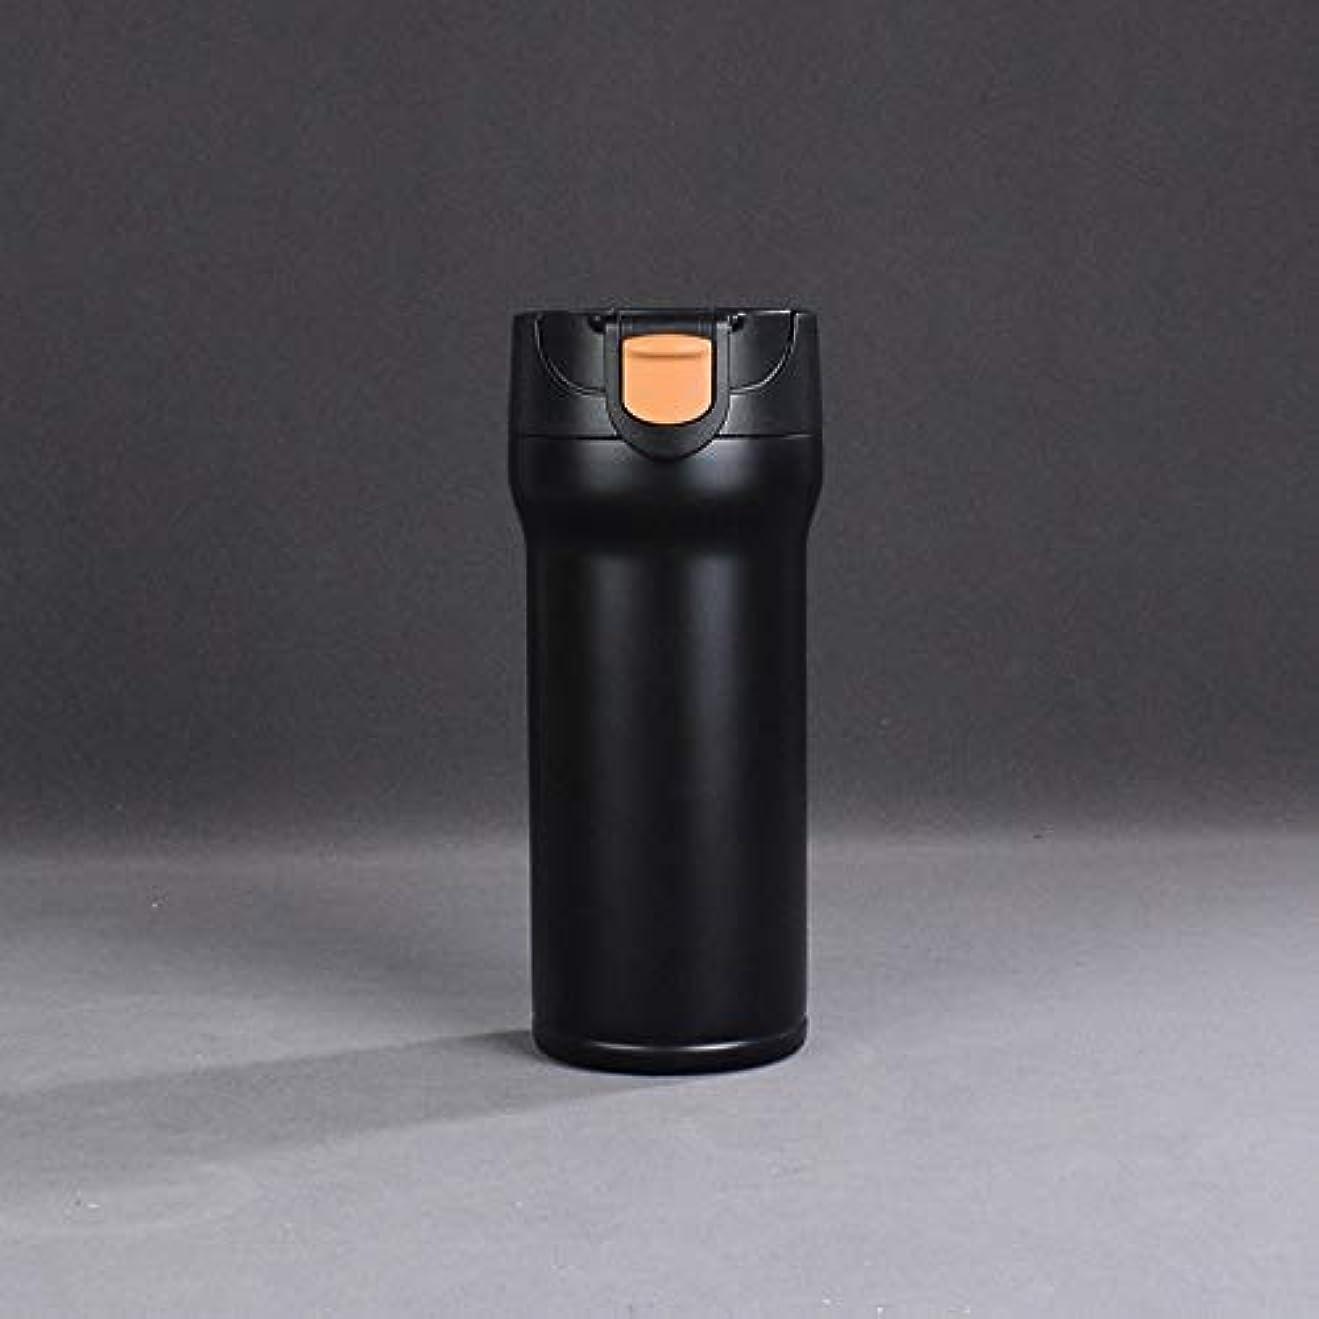 キャンパスエレベーター減衰Xiaoyuna 350ミリリットルステンレス鋼魔法瓶カップサーモカップ断熱タンブラー真空フラスコガラファテルミカサーモコーヒーマグ旅行ボトルマグ (Color : 350ml-Black-gold-kf4, Size : One size)